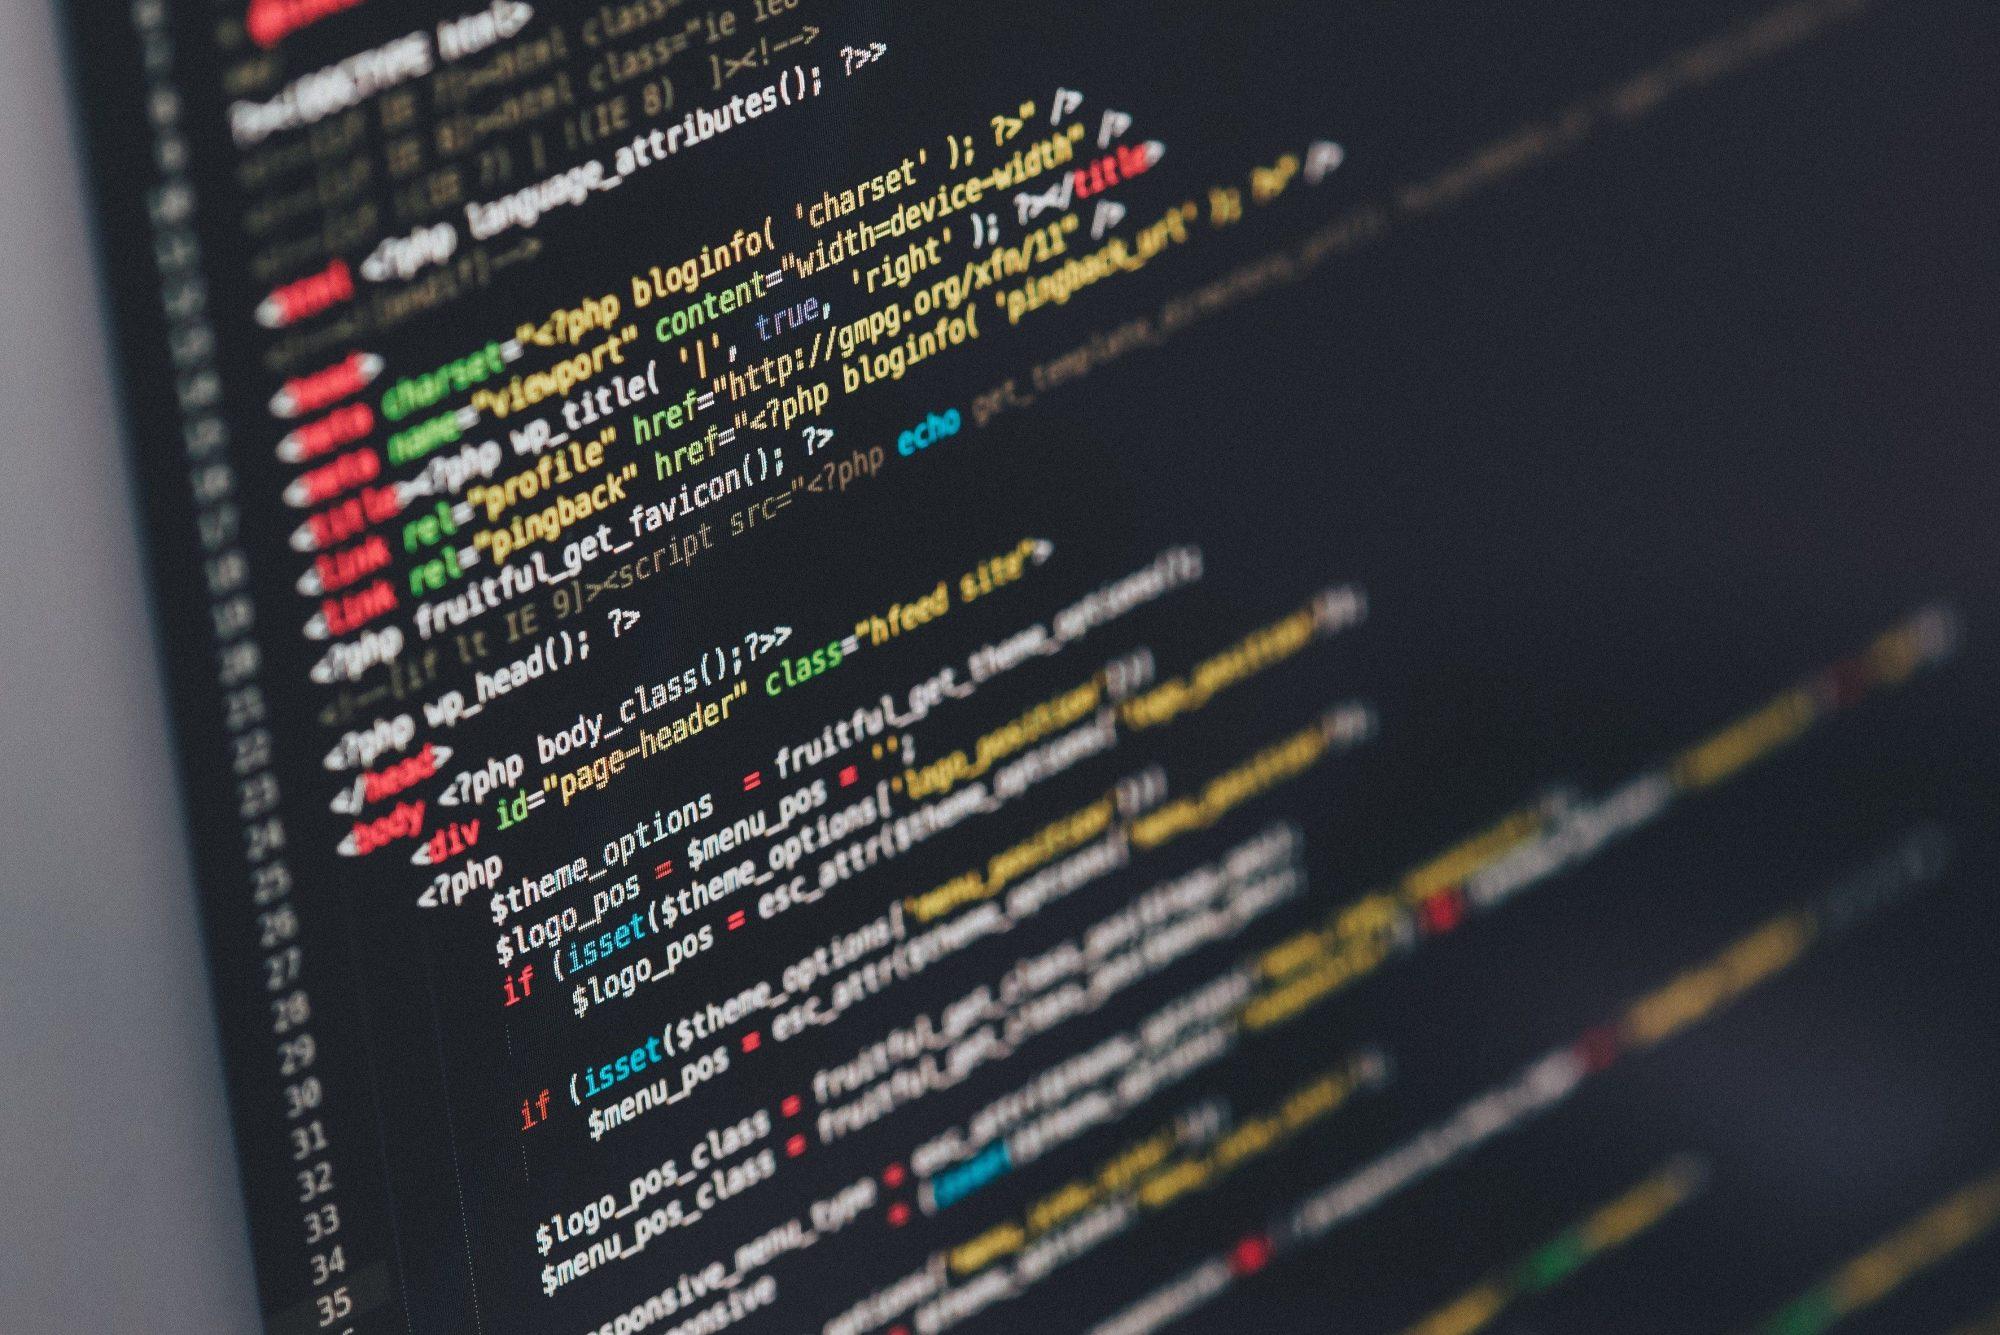 VMwareCode